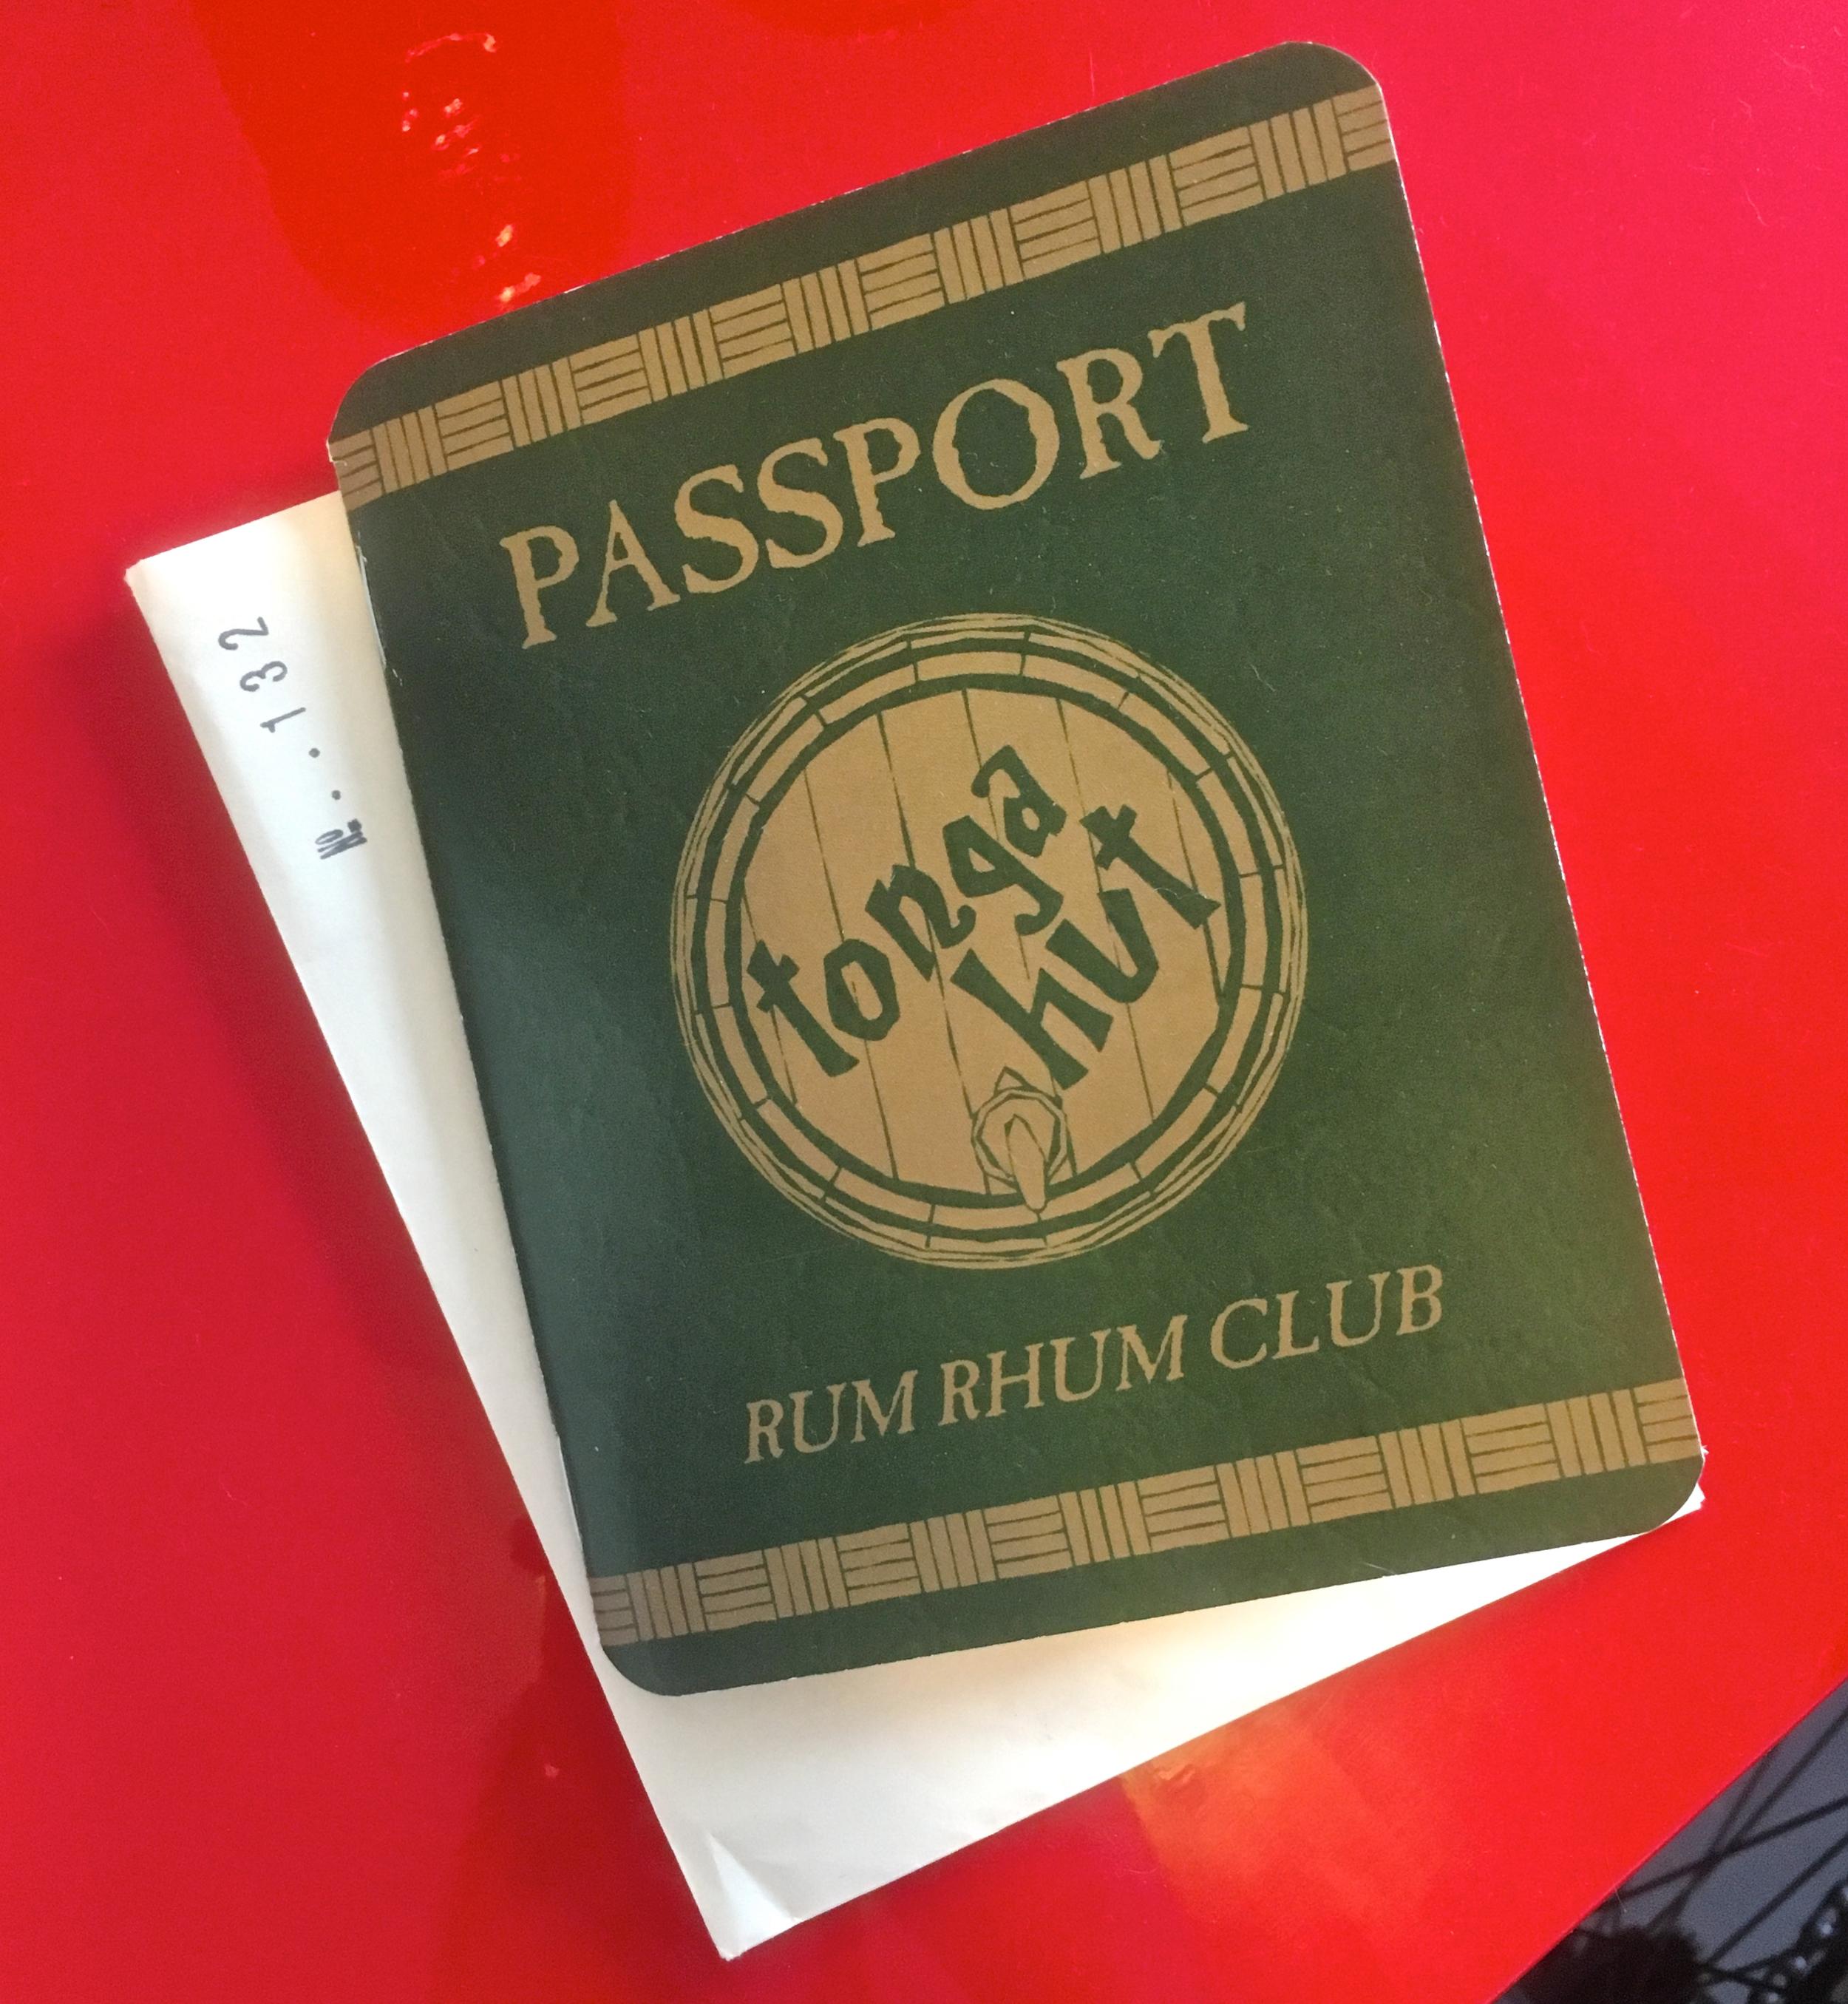 rum-rhum-club-passport.jpg